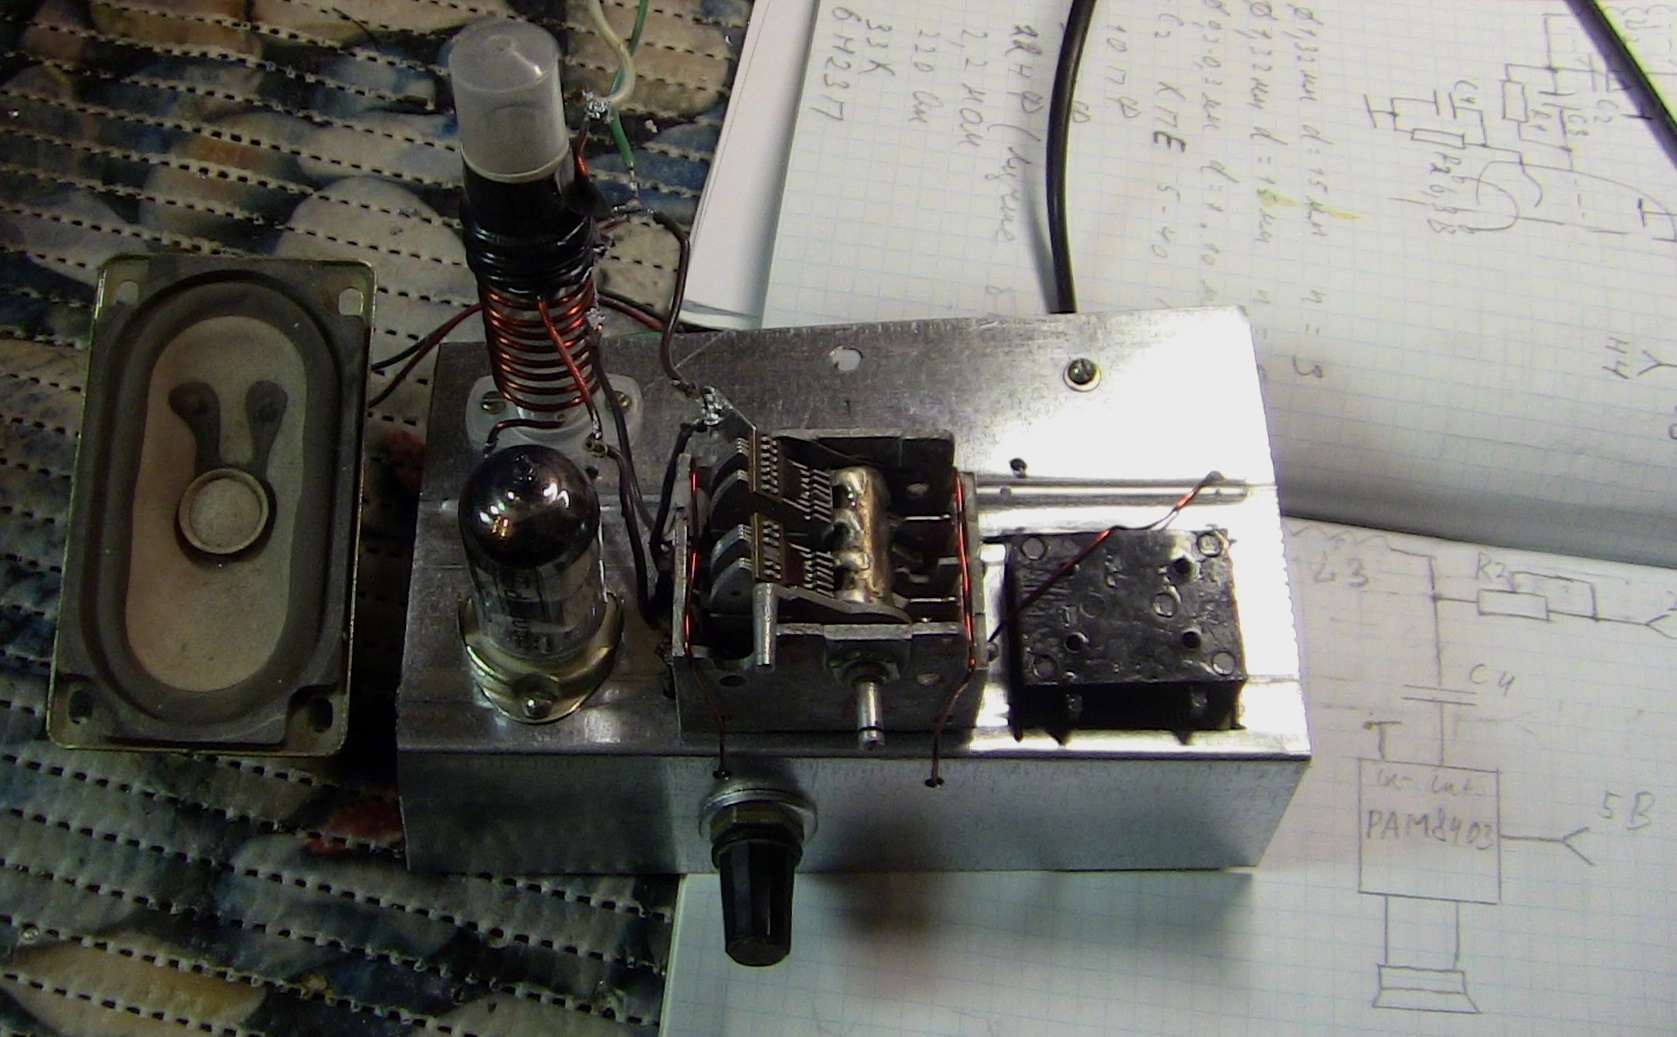 [Из песочницы] Низковольтный ламповый сверхрегенеративный FM-приемник без выходного трансформатора